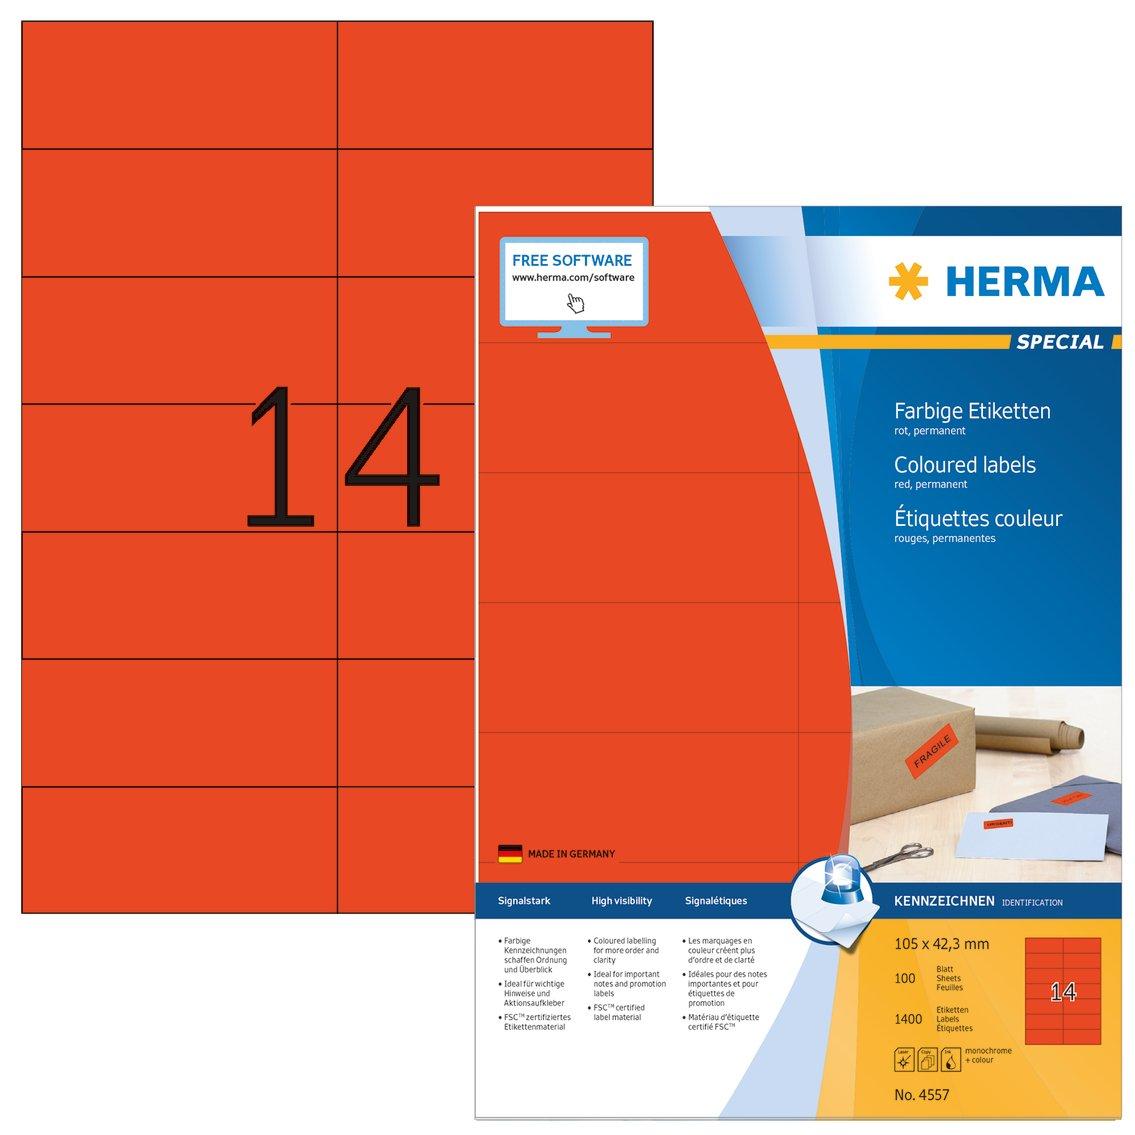 HERMA 4557 Rectángulo Rojo 1400pieza(s) - Etiqueta Etiqueta Etiqueta autoadhesiva (Rojo, Rectángulo, A4, Universal, Matte, Laser/Inyección de tinta) 37f2fe